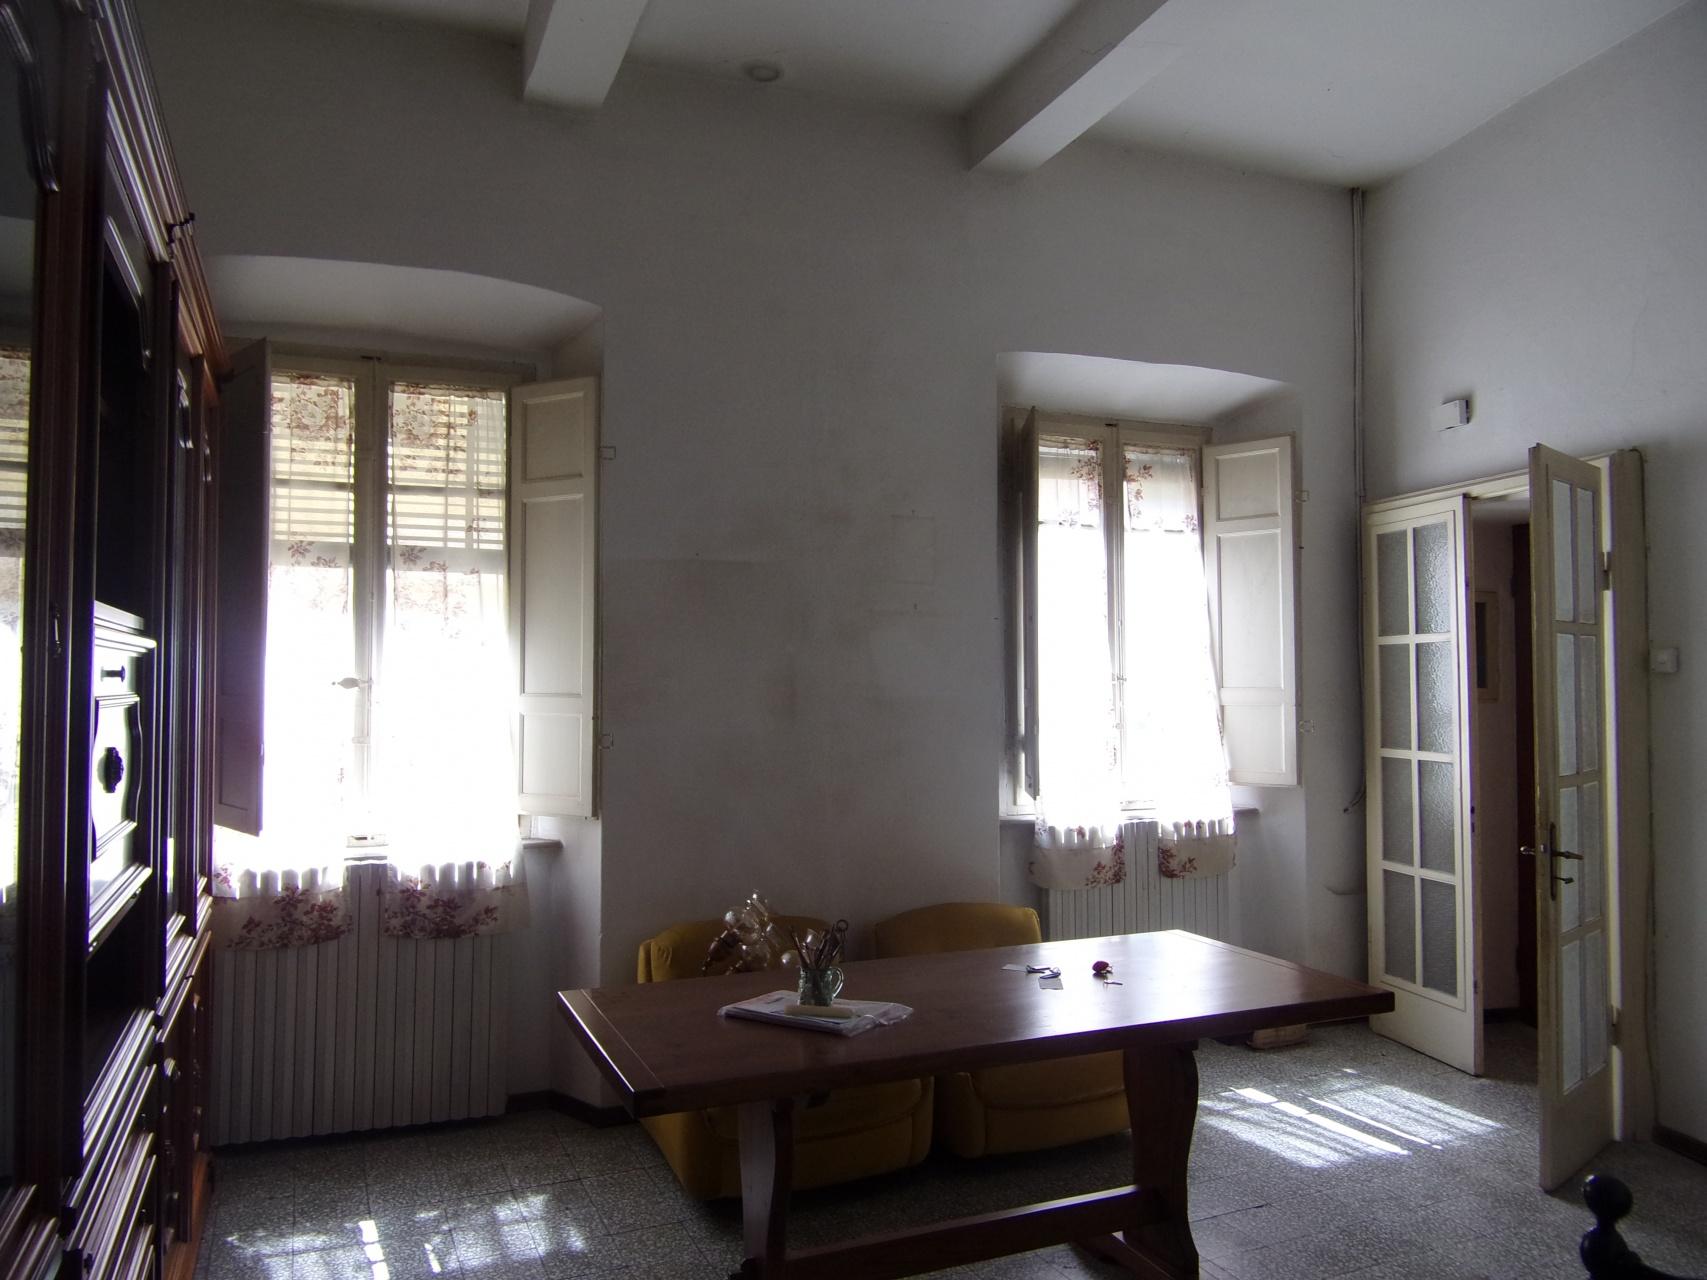 foto Spazioso appartamento al primo piano che necessita di alcuni restauri posto nel centro storico di Barga, Lucca.